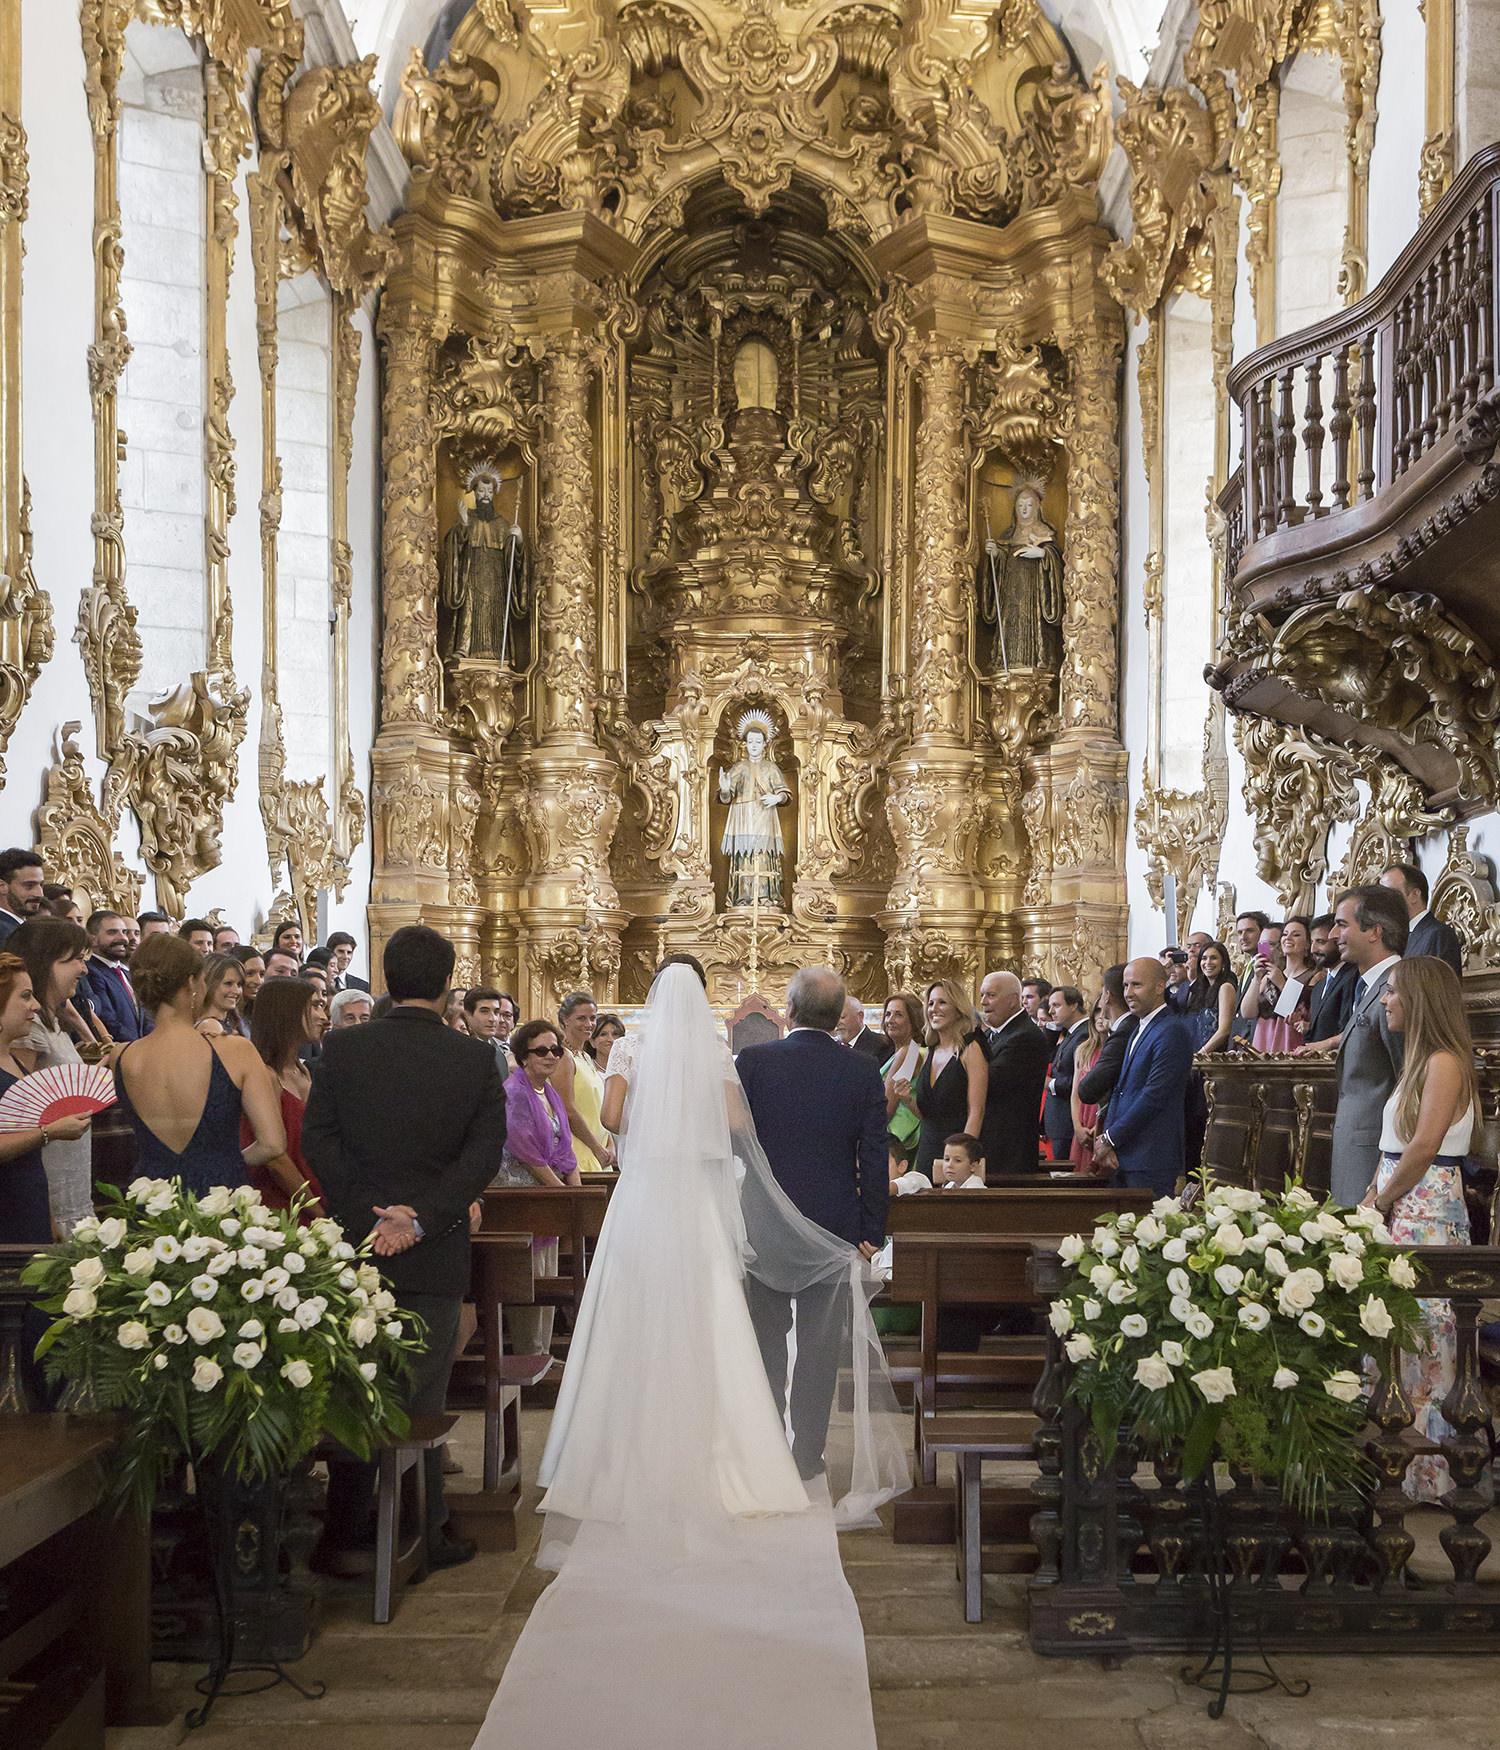 braga-wedding-photographer-torre-naia-terra-fotografia-077.jpg